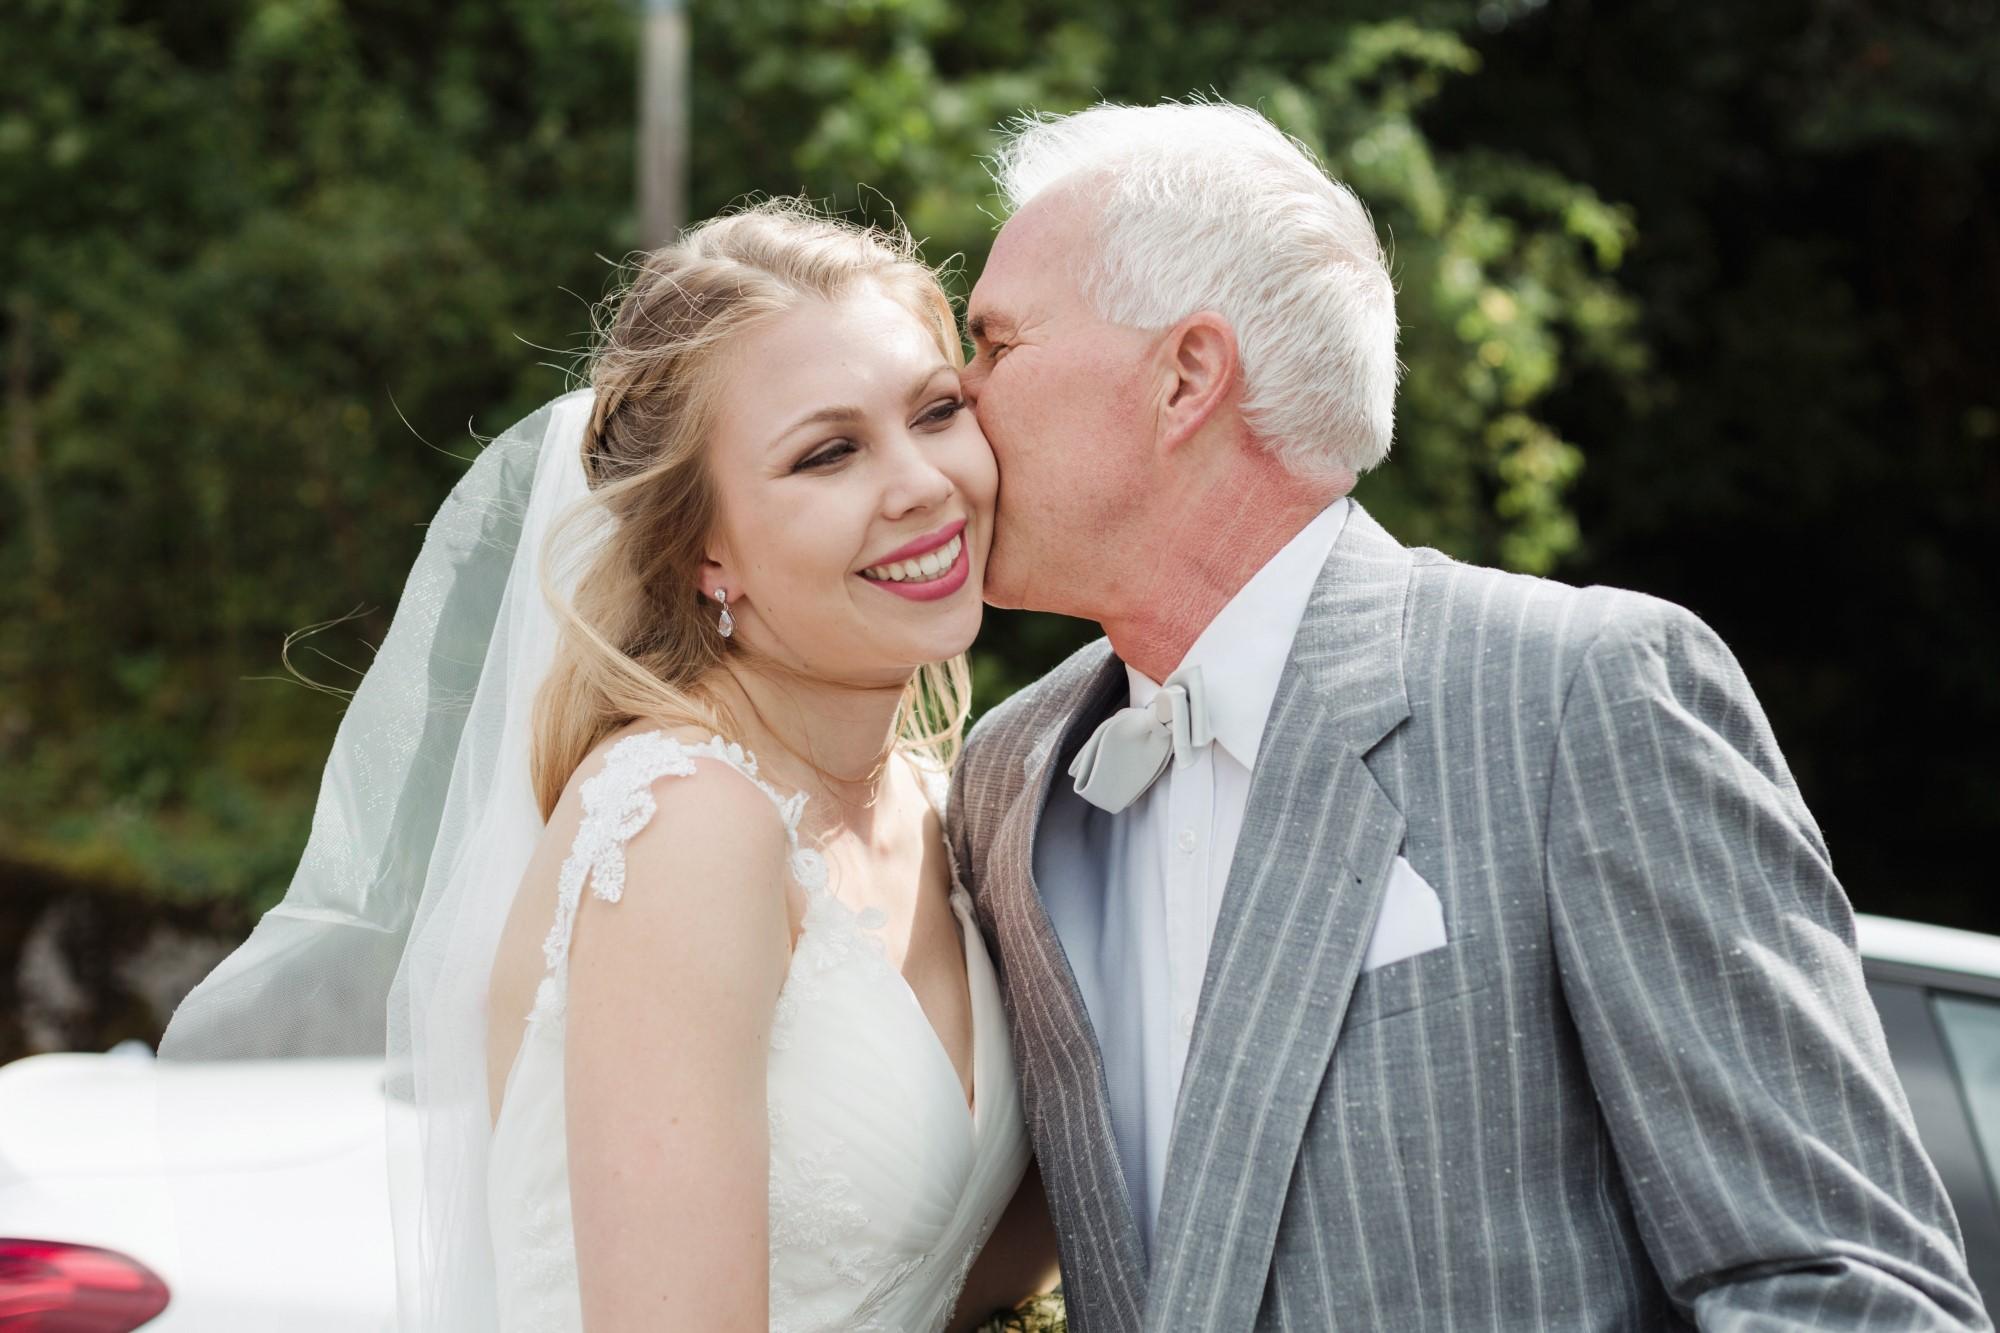 Der Papa begrüsst die schöne Braut